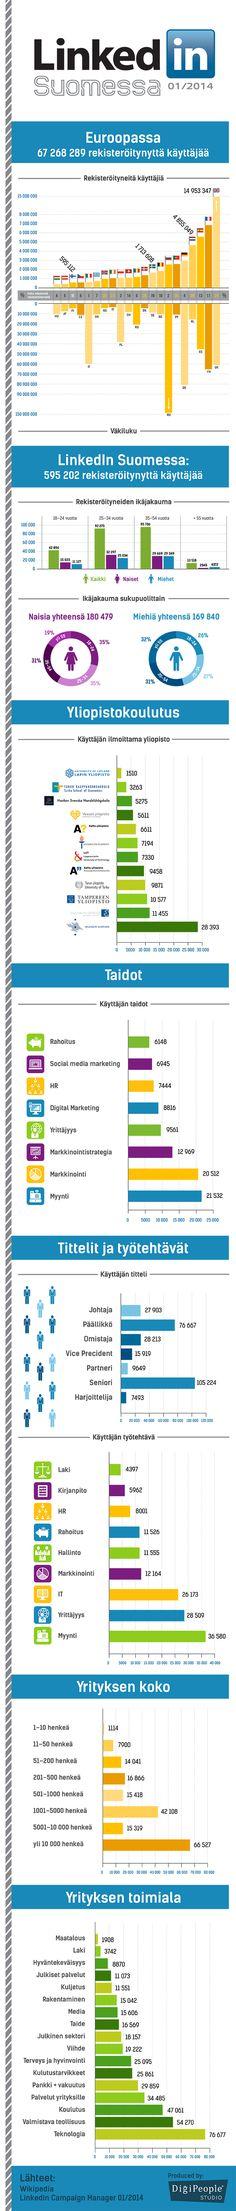 LinkedIn Suomessa Infograafi tiivistää rekisteröityneet suomalaiset LinkedInissä tammikuussa 2014. Infograafin alussa pientä vertailua Euroopan muihin maihin suhteutettuna väkilukuun. Suomalaiset LinkedIn Suomessa Infograafin data on kerätty LinkedIn mainostyökalun kautta.